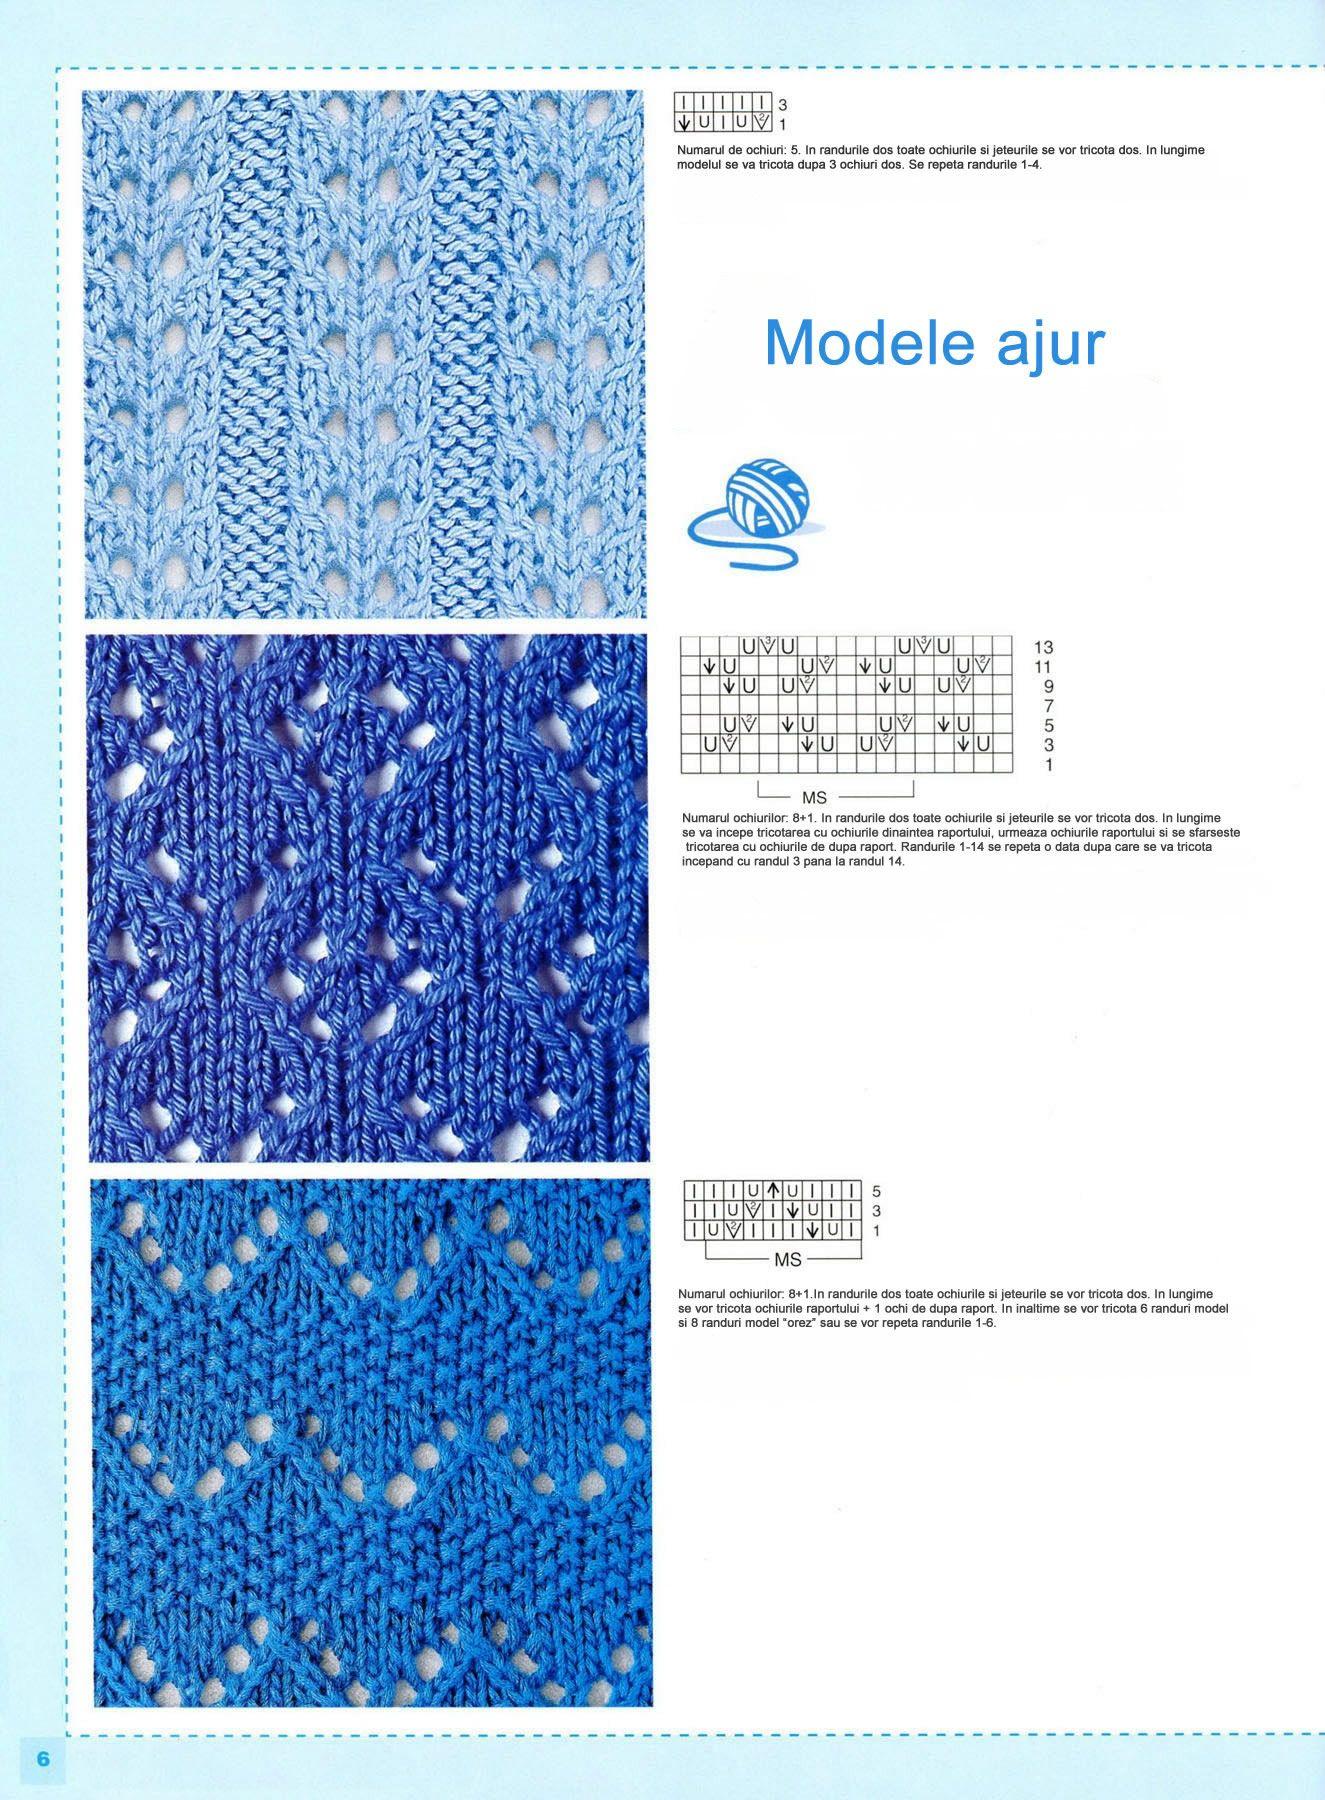 78 Modele de tricotat pagina 4 | trico | Pinterest | Modelado ...